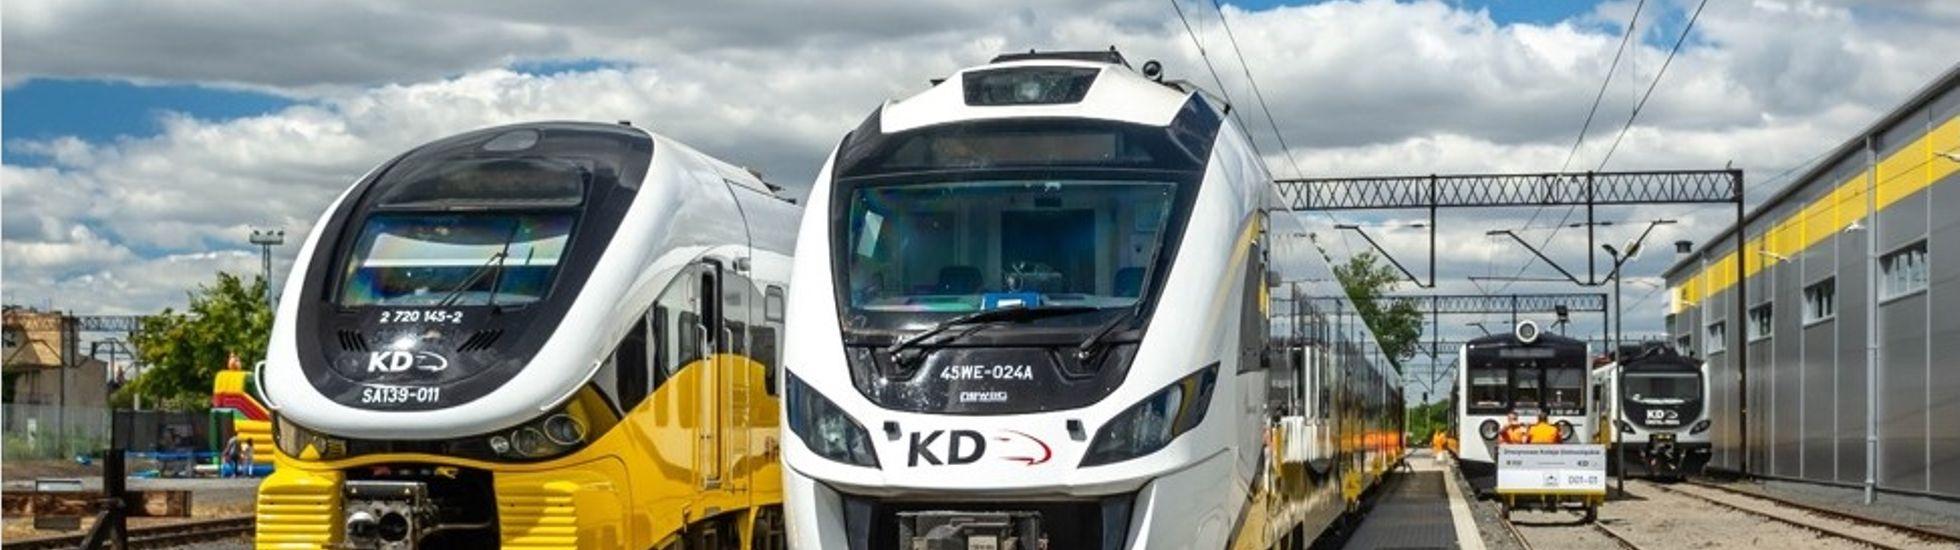 Kolejom Dolnośląskim znów brakuje milionów na nowe pociągi. Będzie kolejne fiasko?